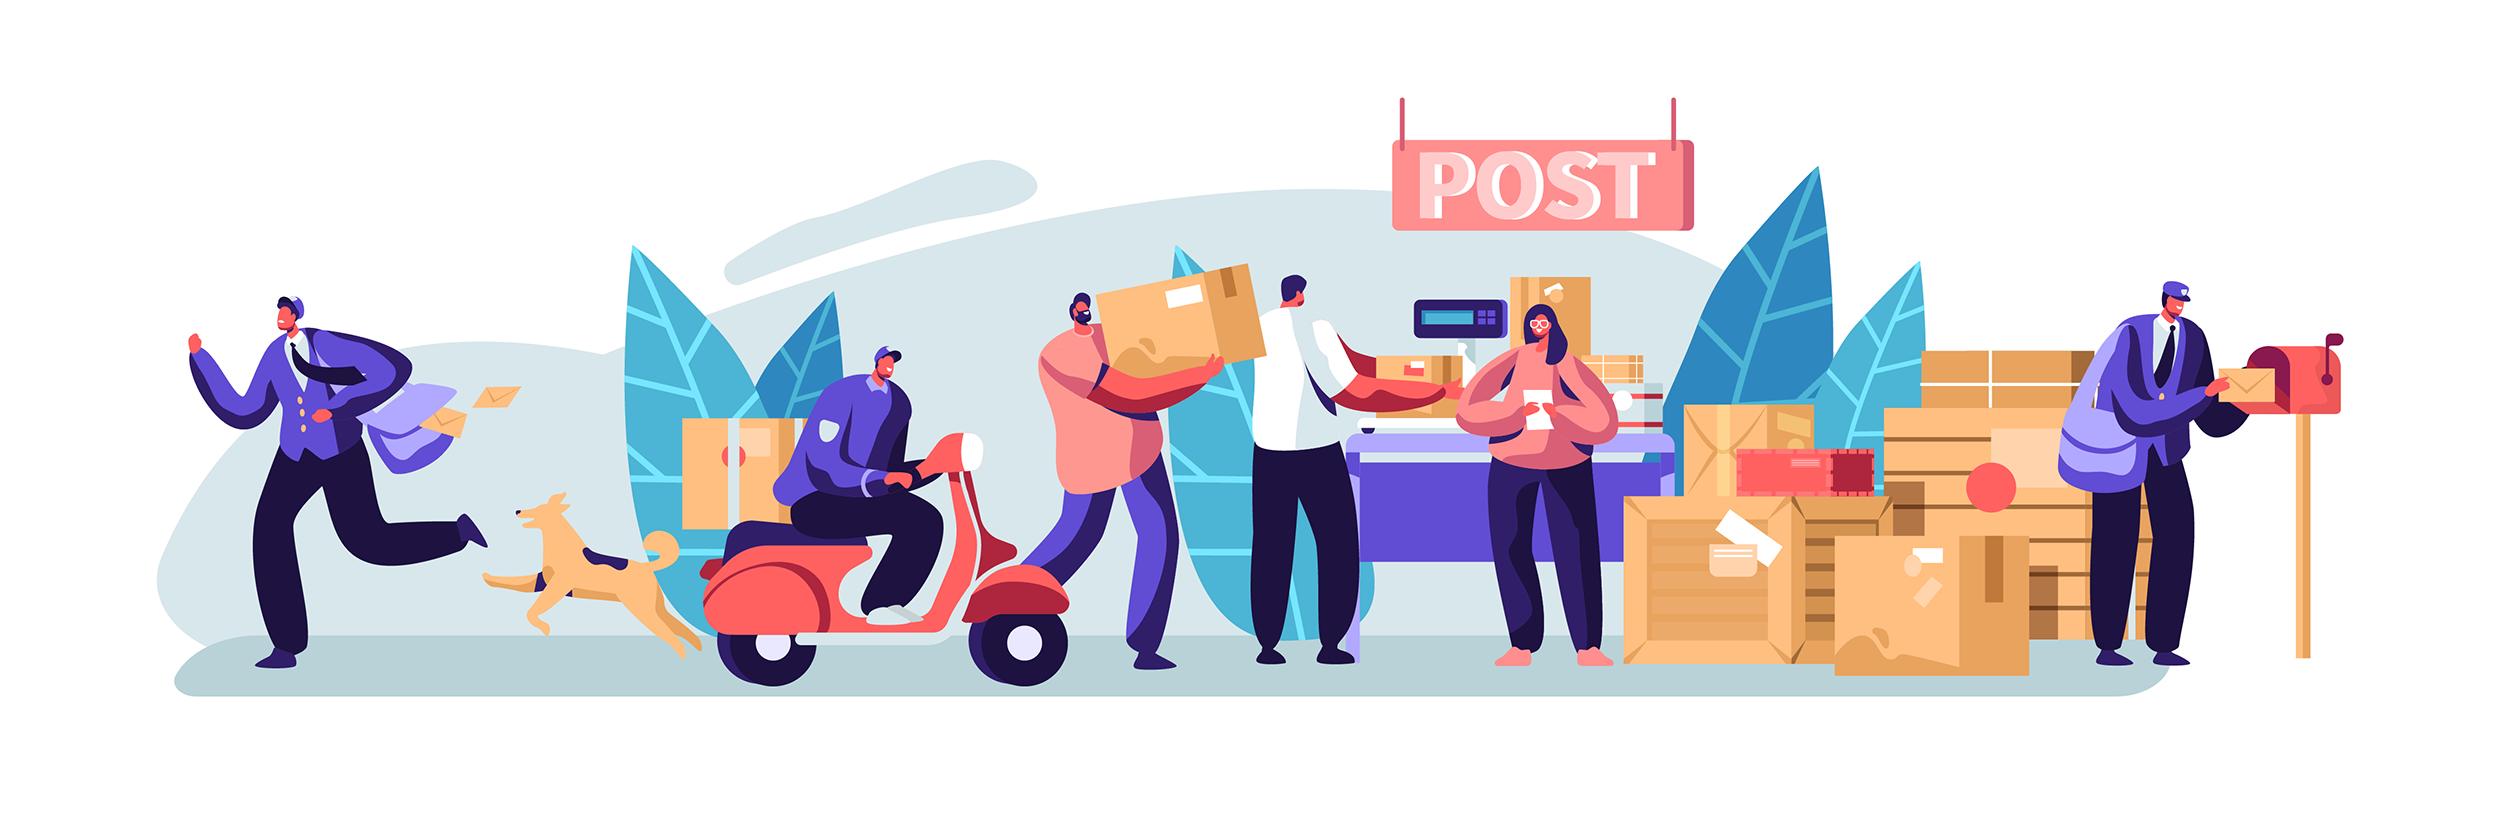 bpost: wijzigingen postdrop en levering